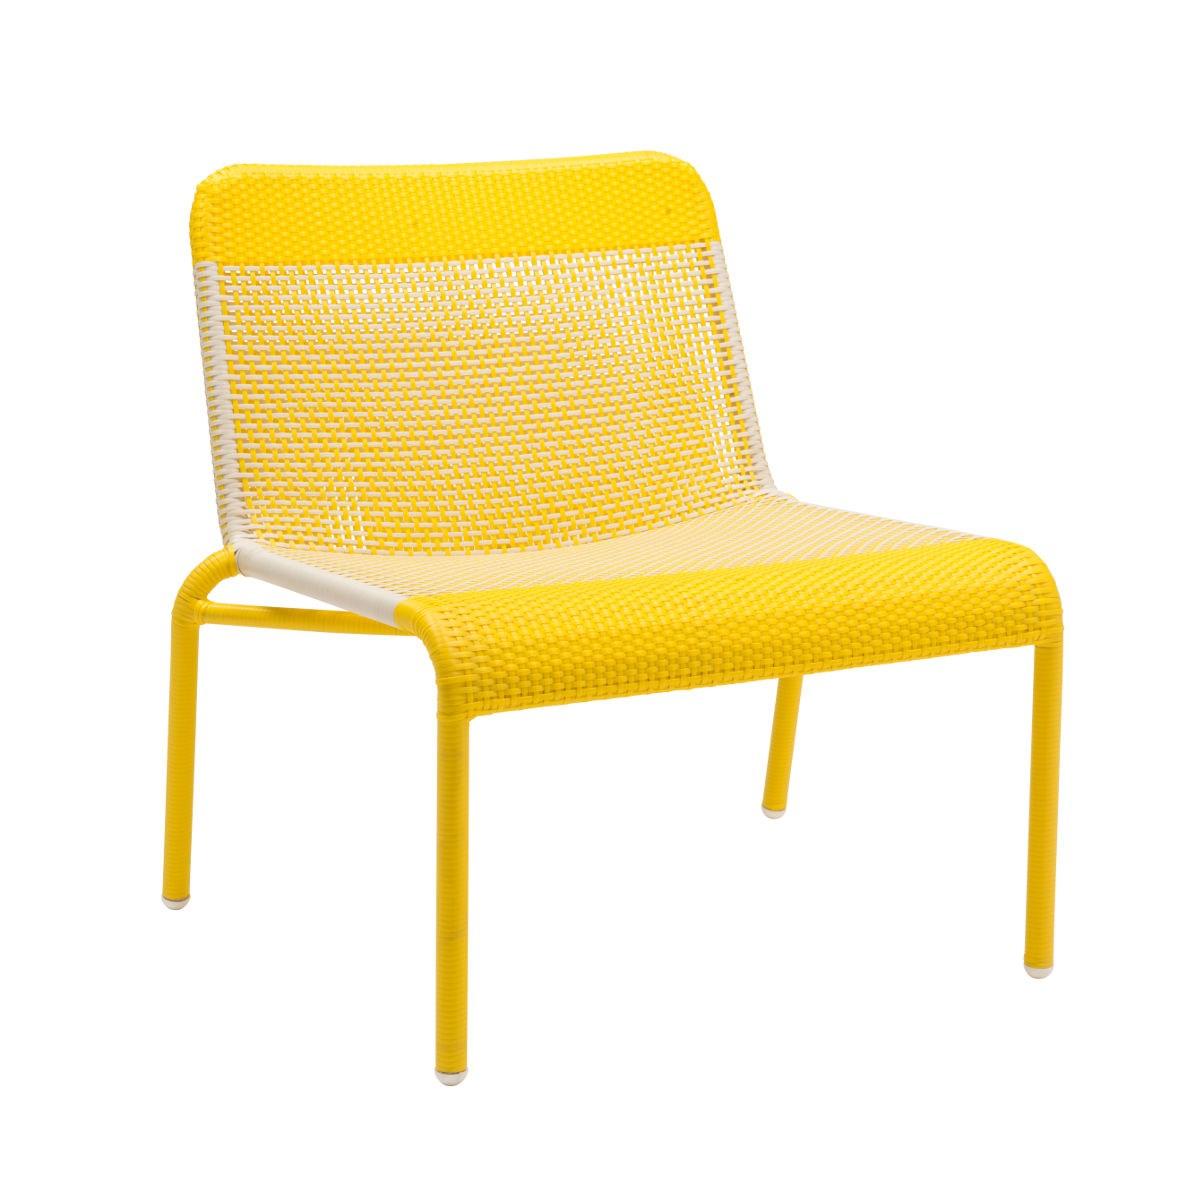 Chauffeuse de jardin tressée en résine jaune citron